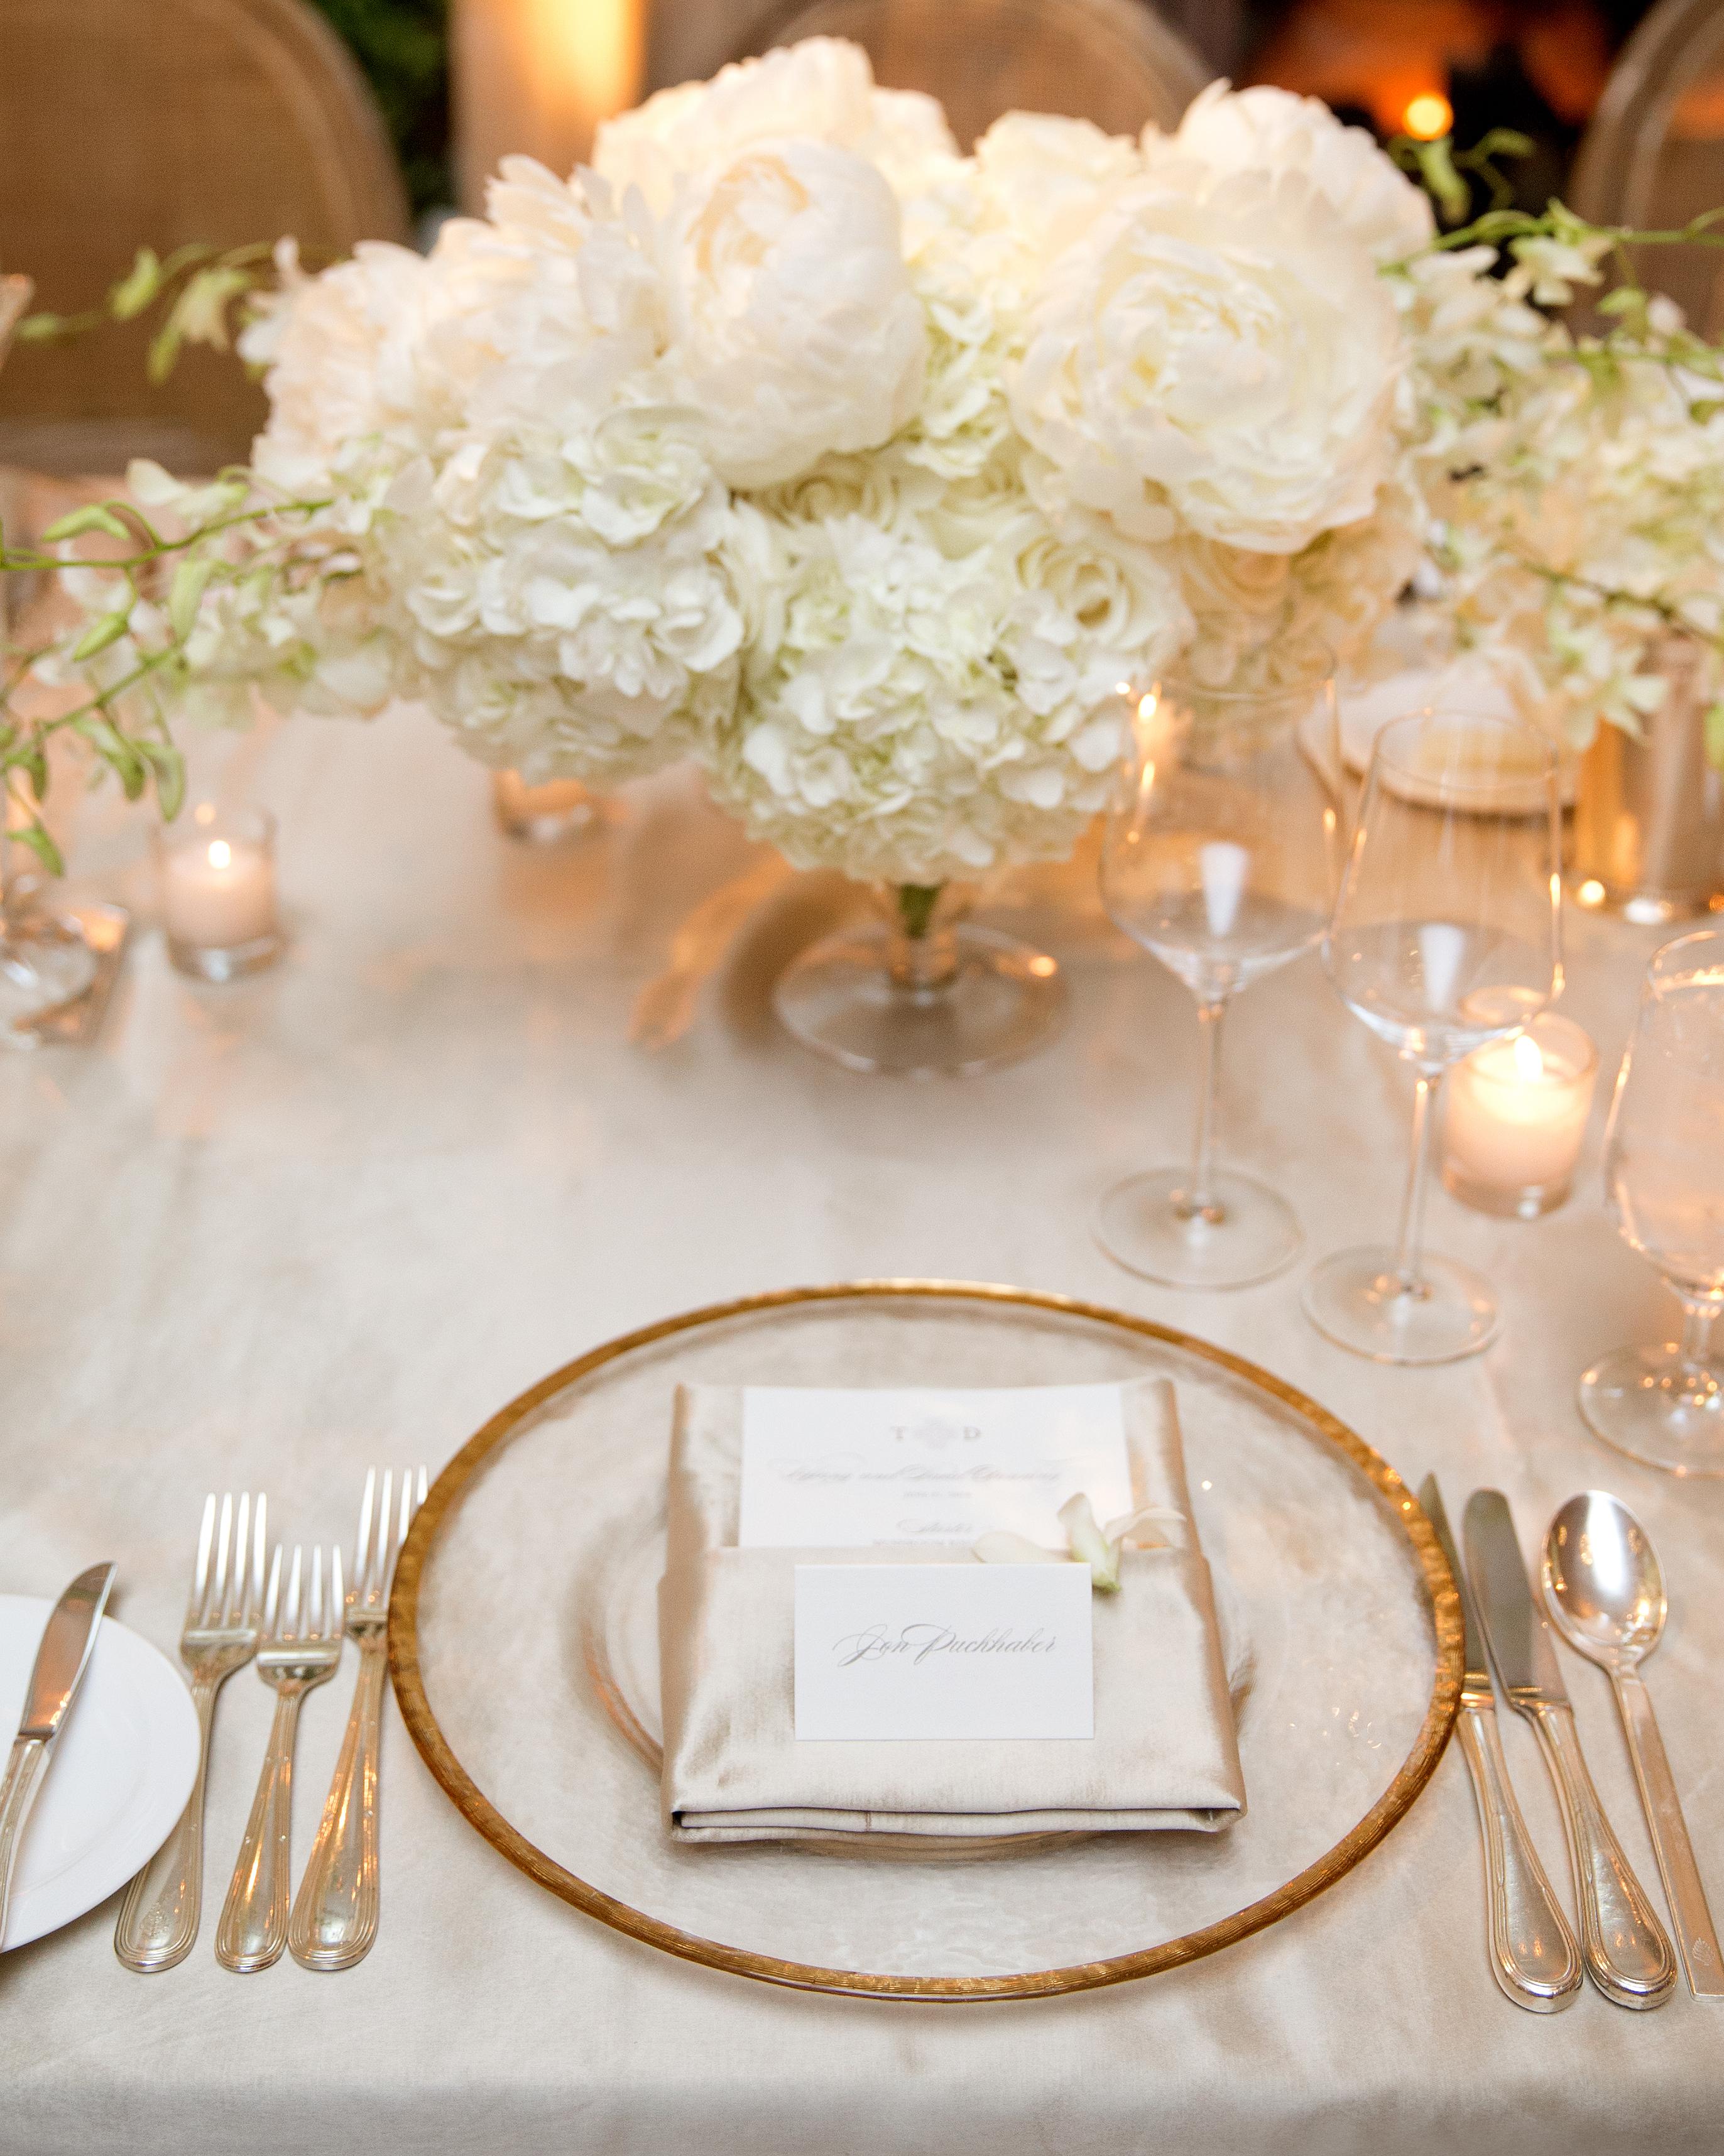 tiffany-david-wedding-placesetting-1263-s112676-1115.jpg